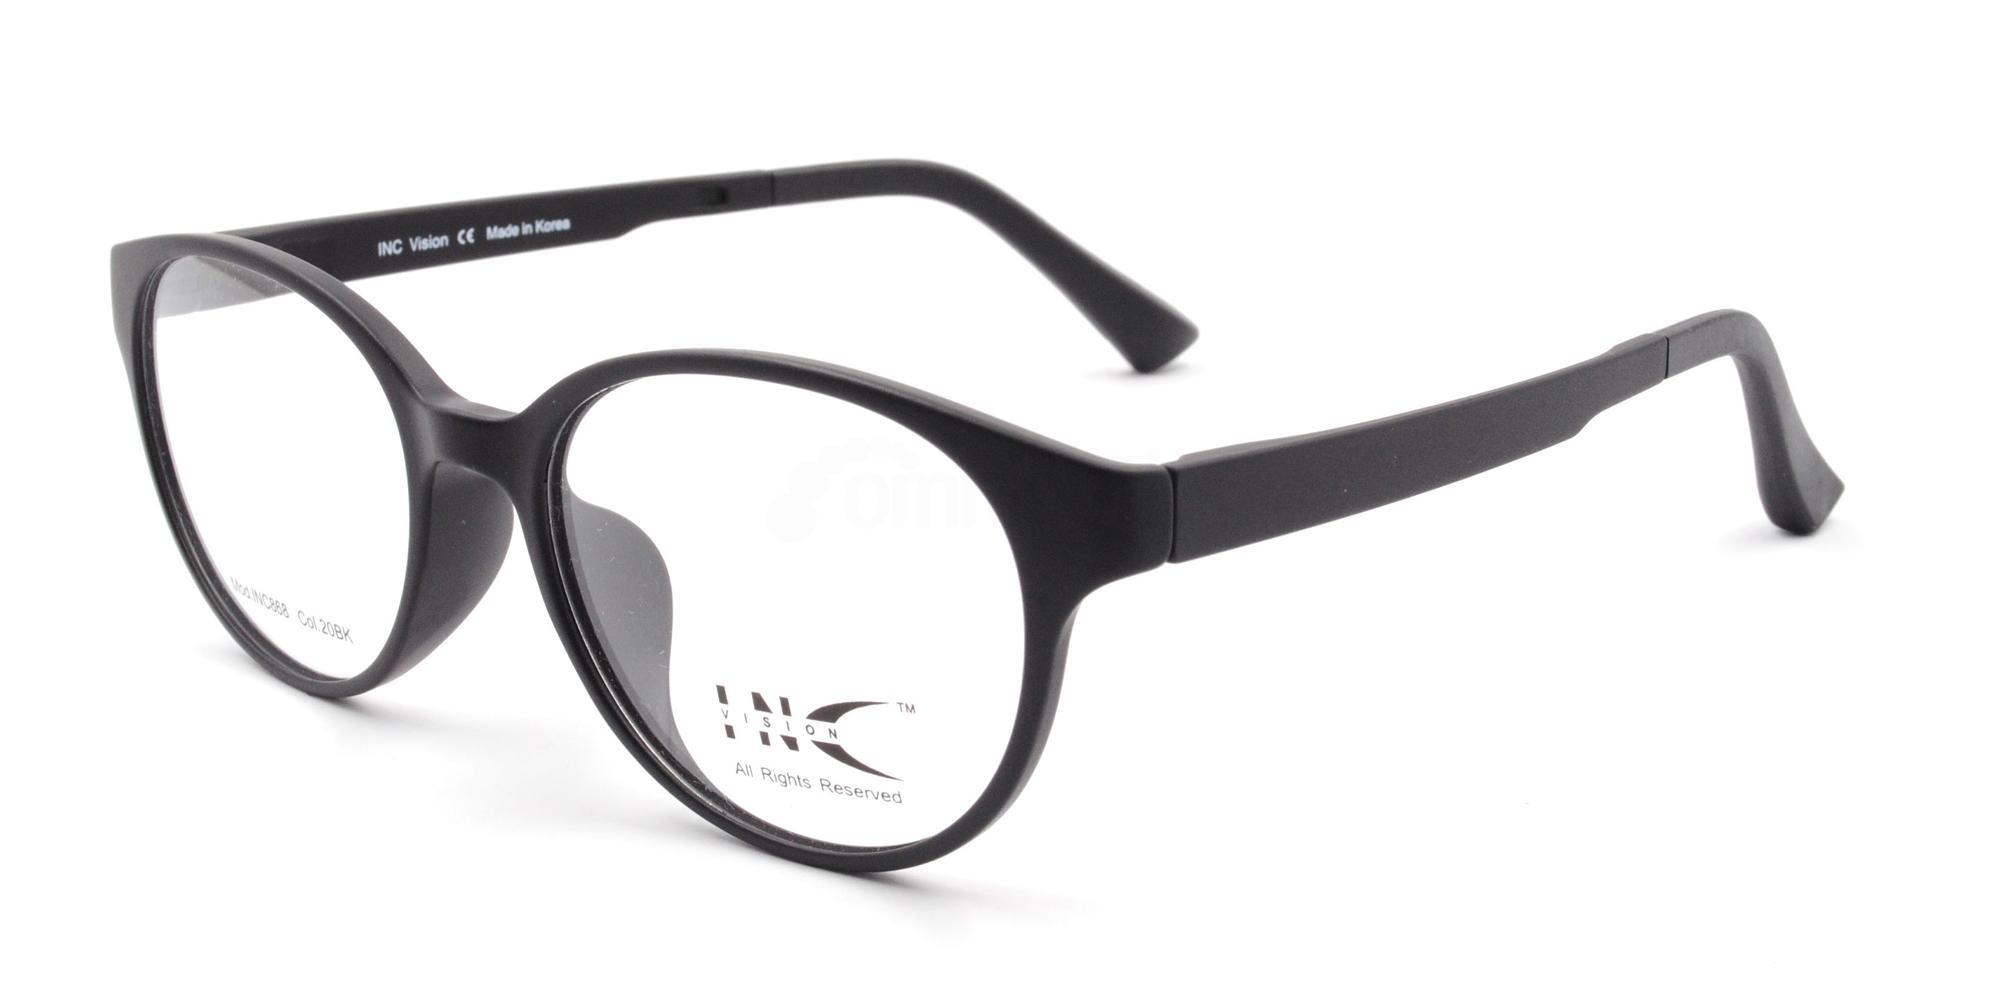 20BK INC 868 , INC Vision